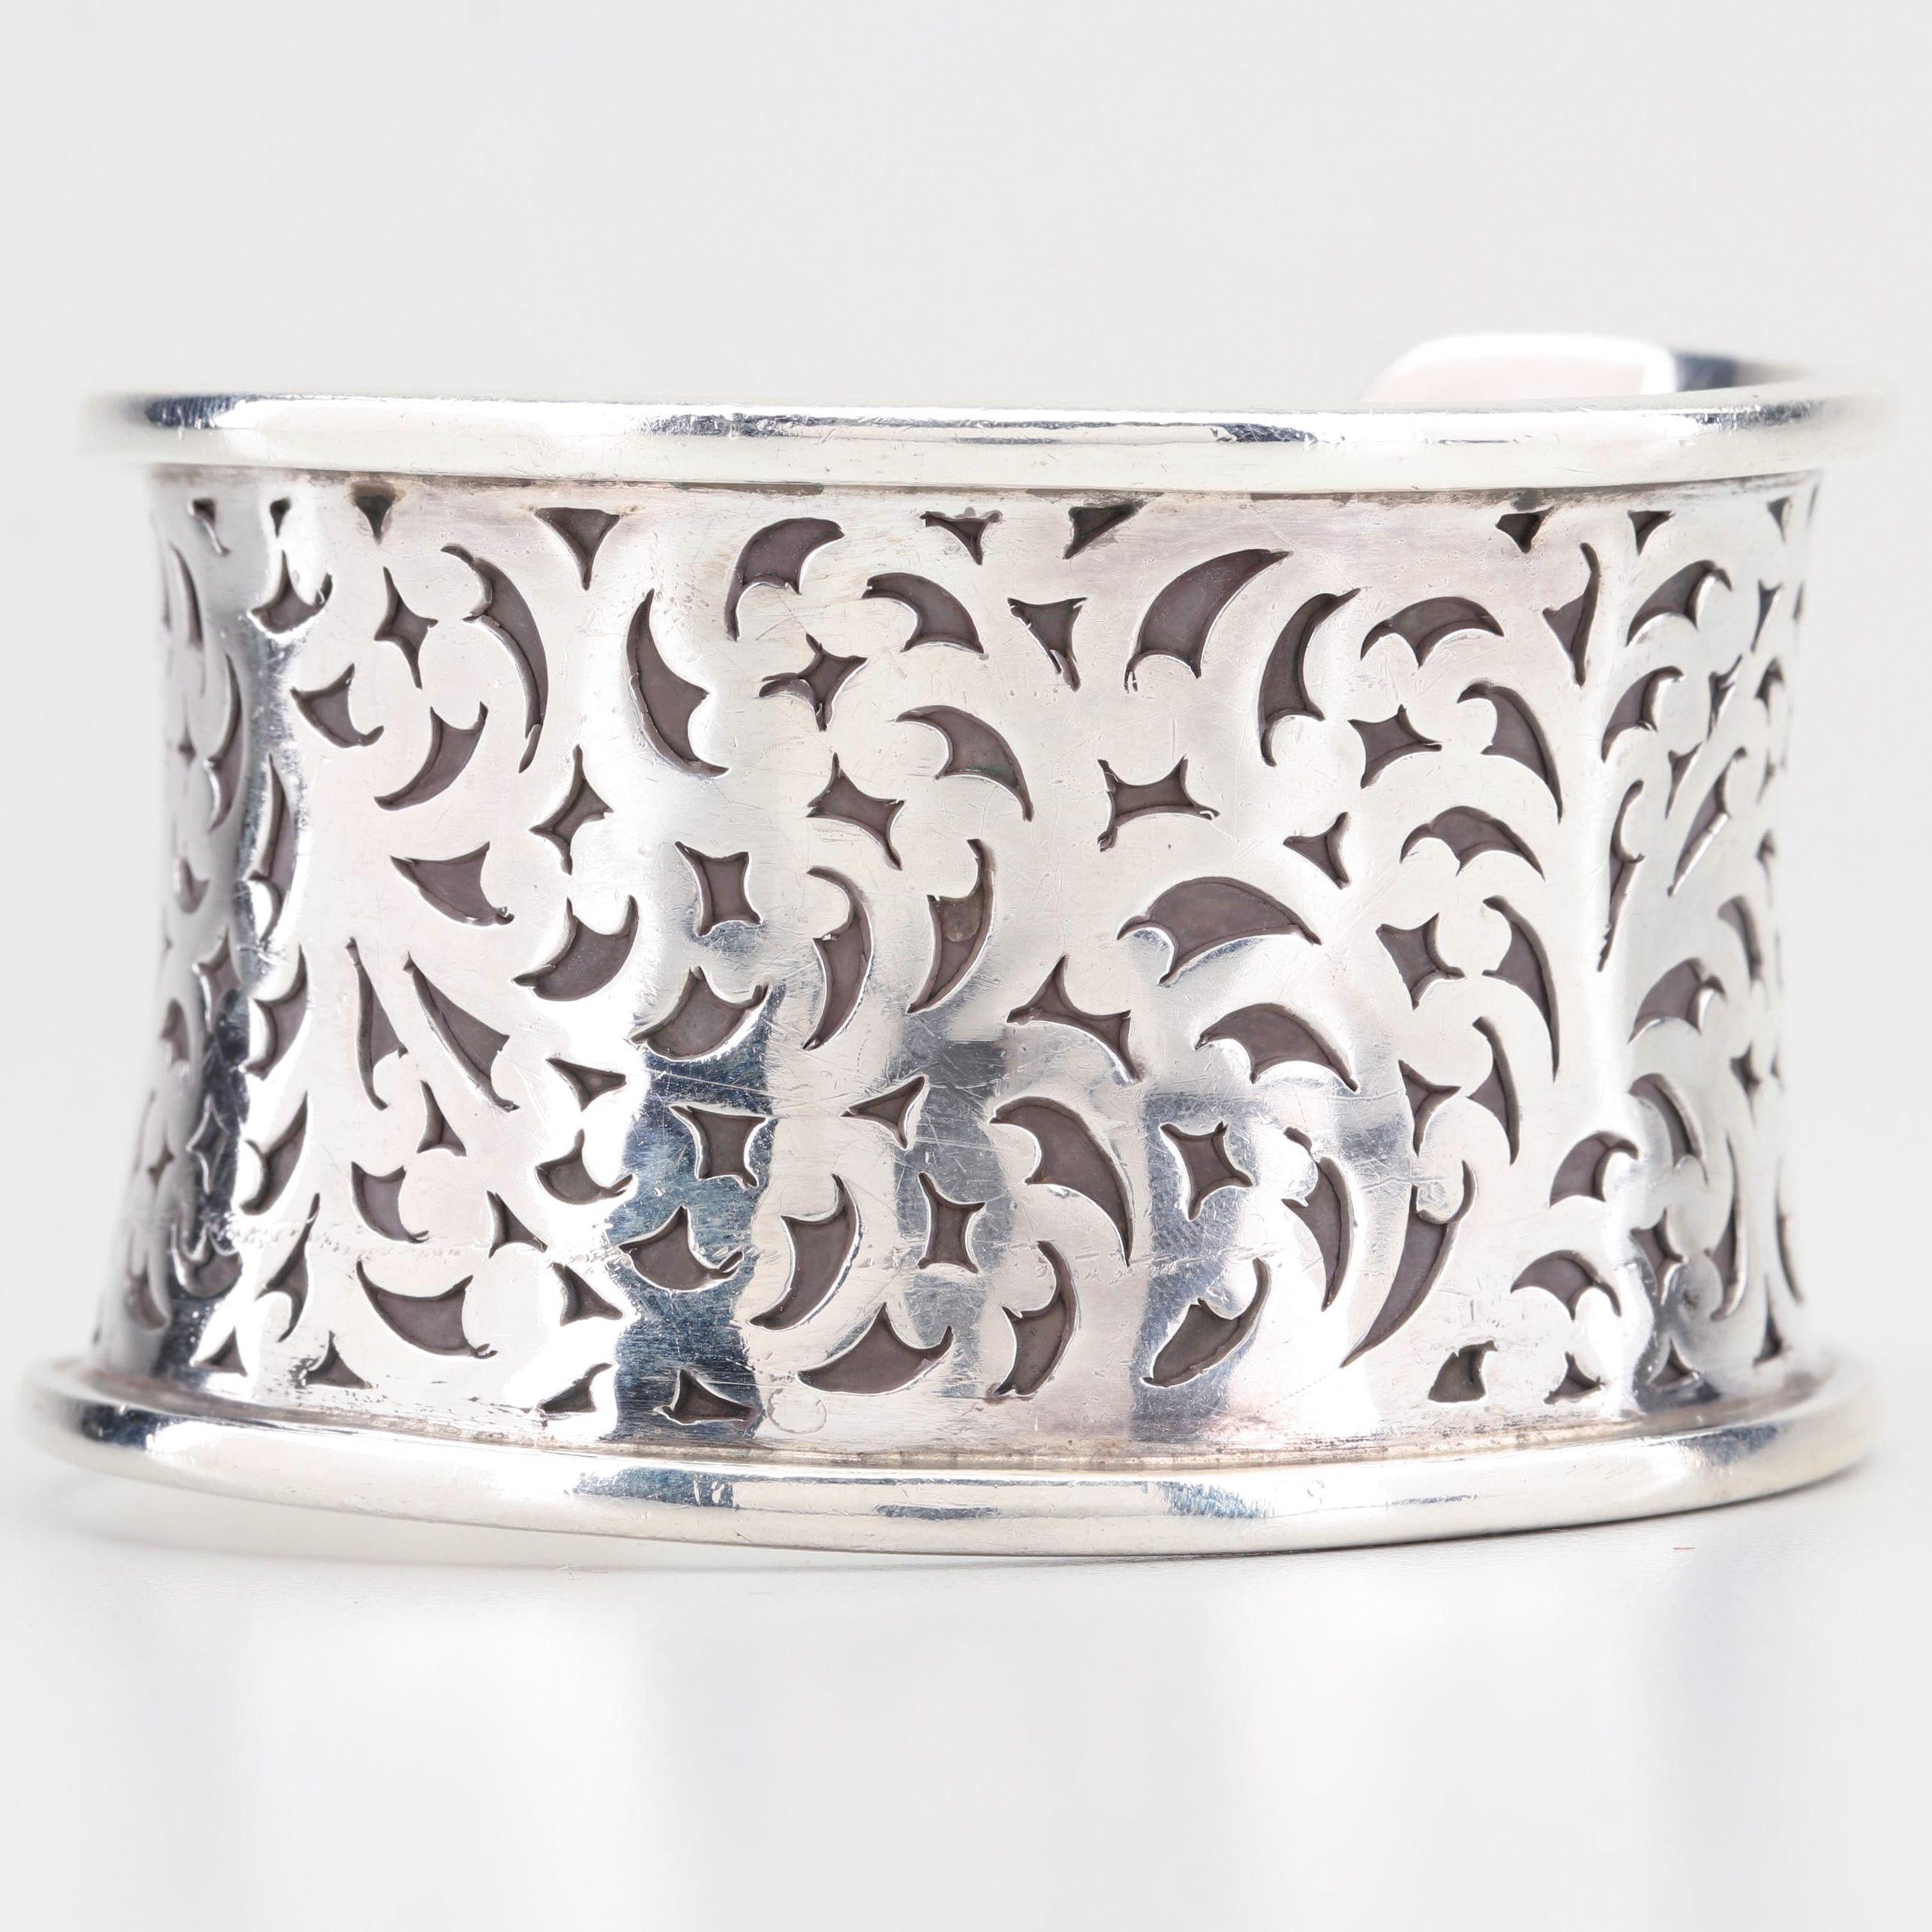 Lois Hill Sterling Silver Cuff Bracelet